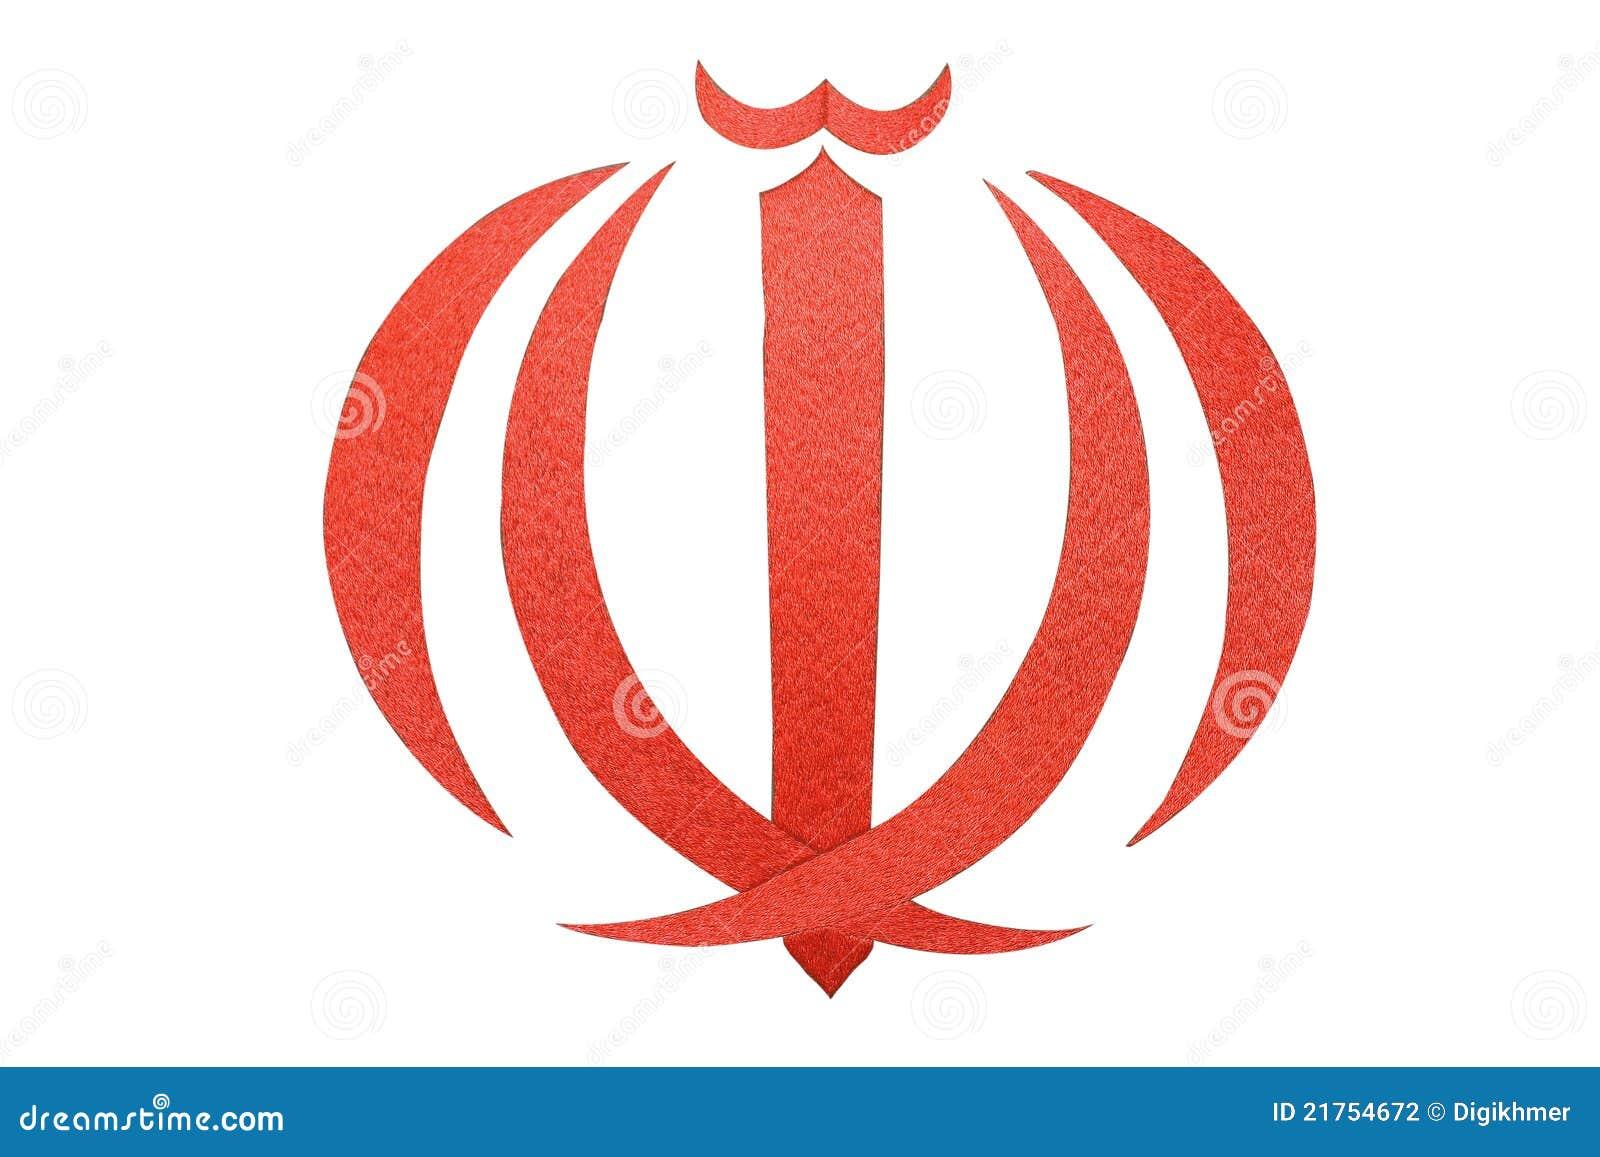 National emblem of iran isolated on white stock photo illustration national emblem of iran isolated on white buycottarizona Choice Image